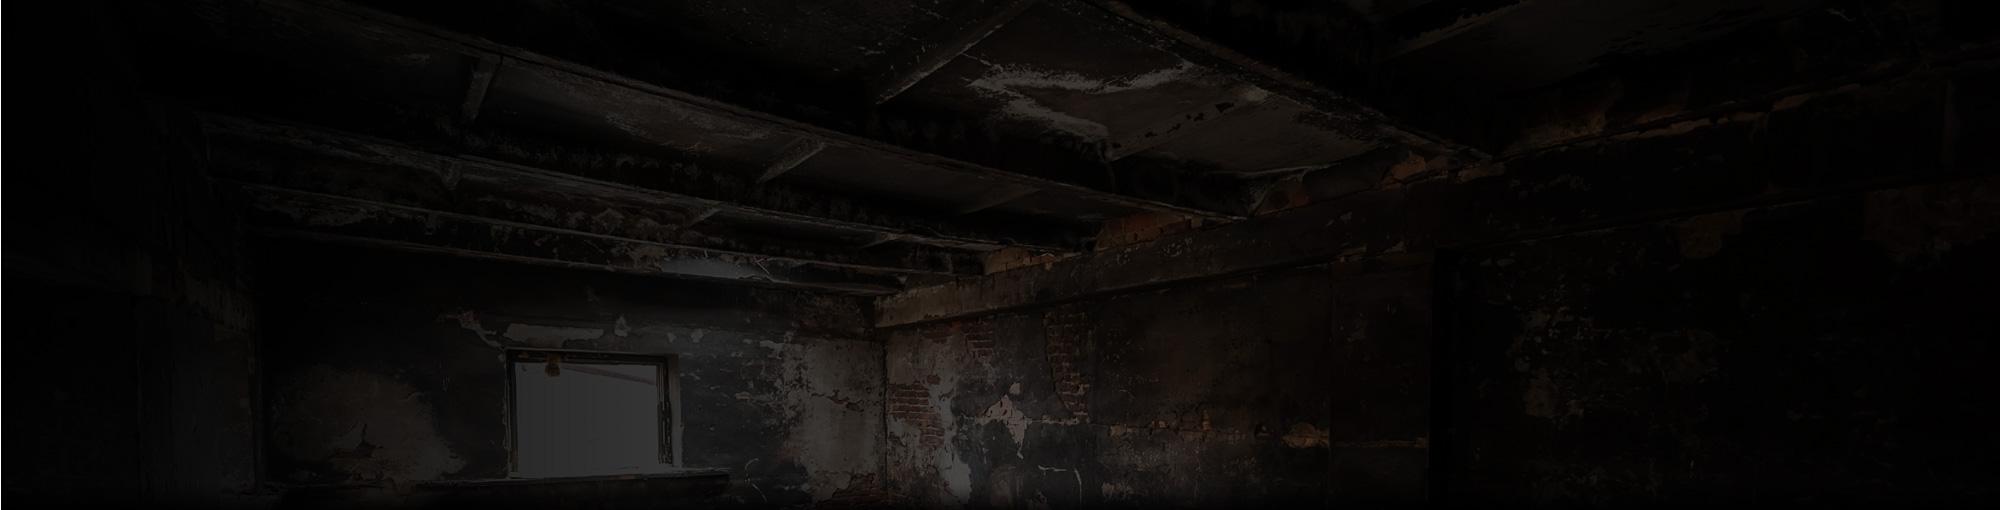 slider-trashed-building-interior